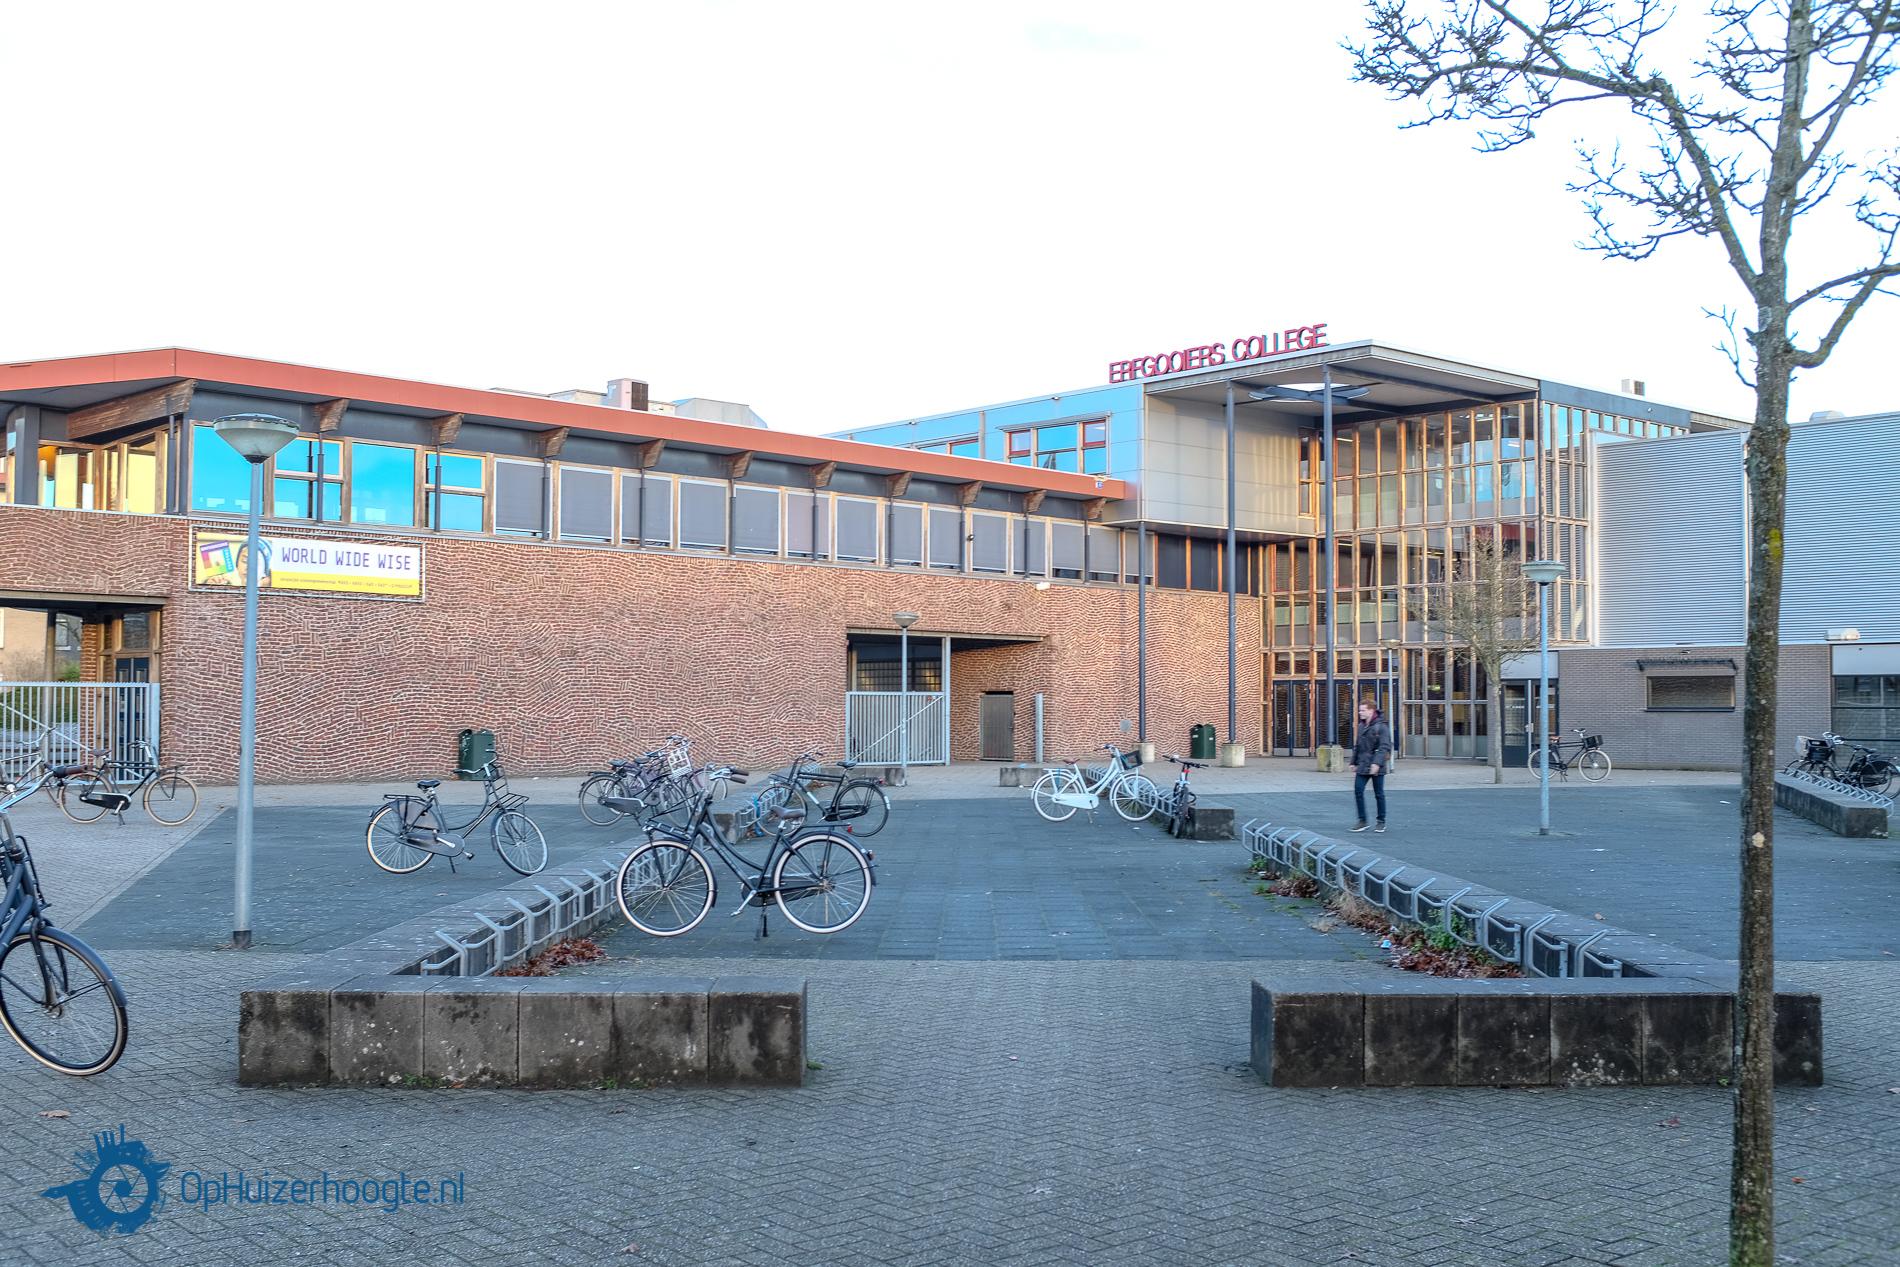 erfgooierscollege